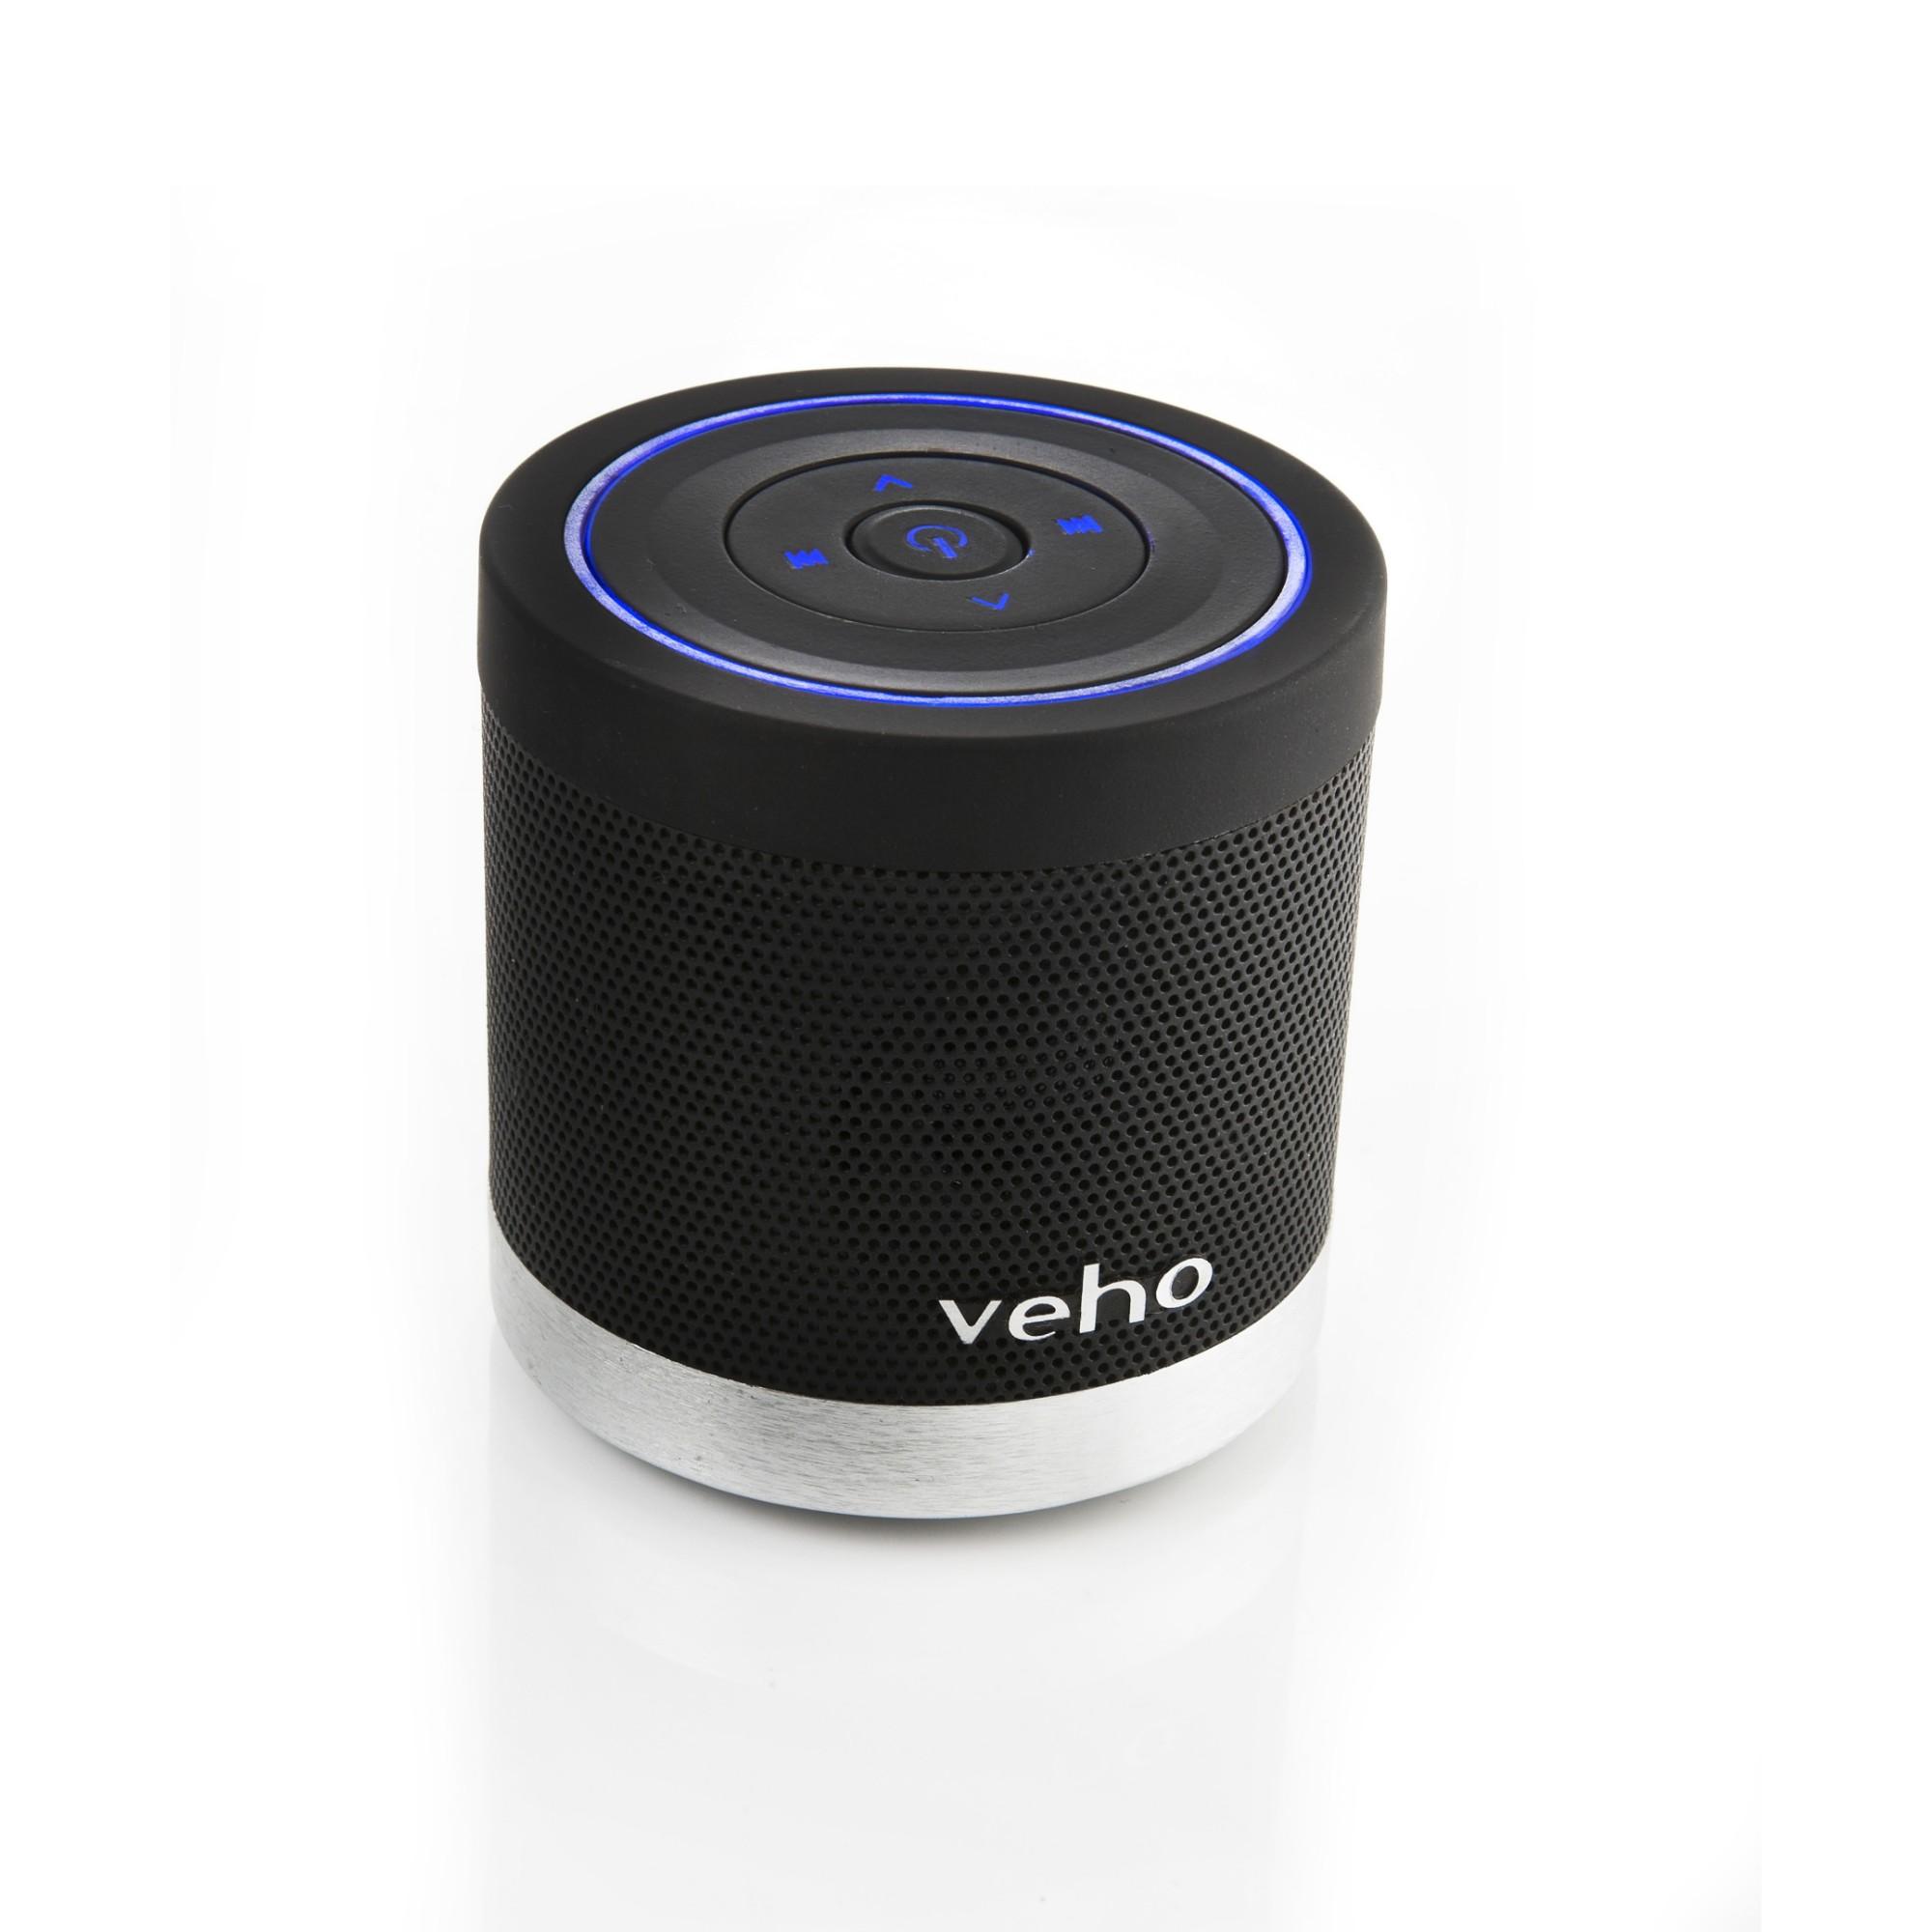 Veho VSS-009-360BT Stereo portable speaker 4.4W Black